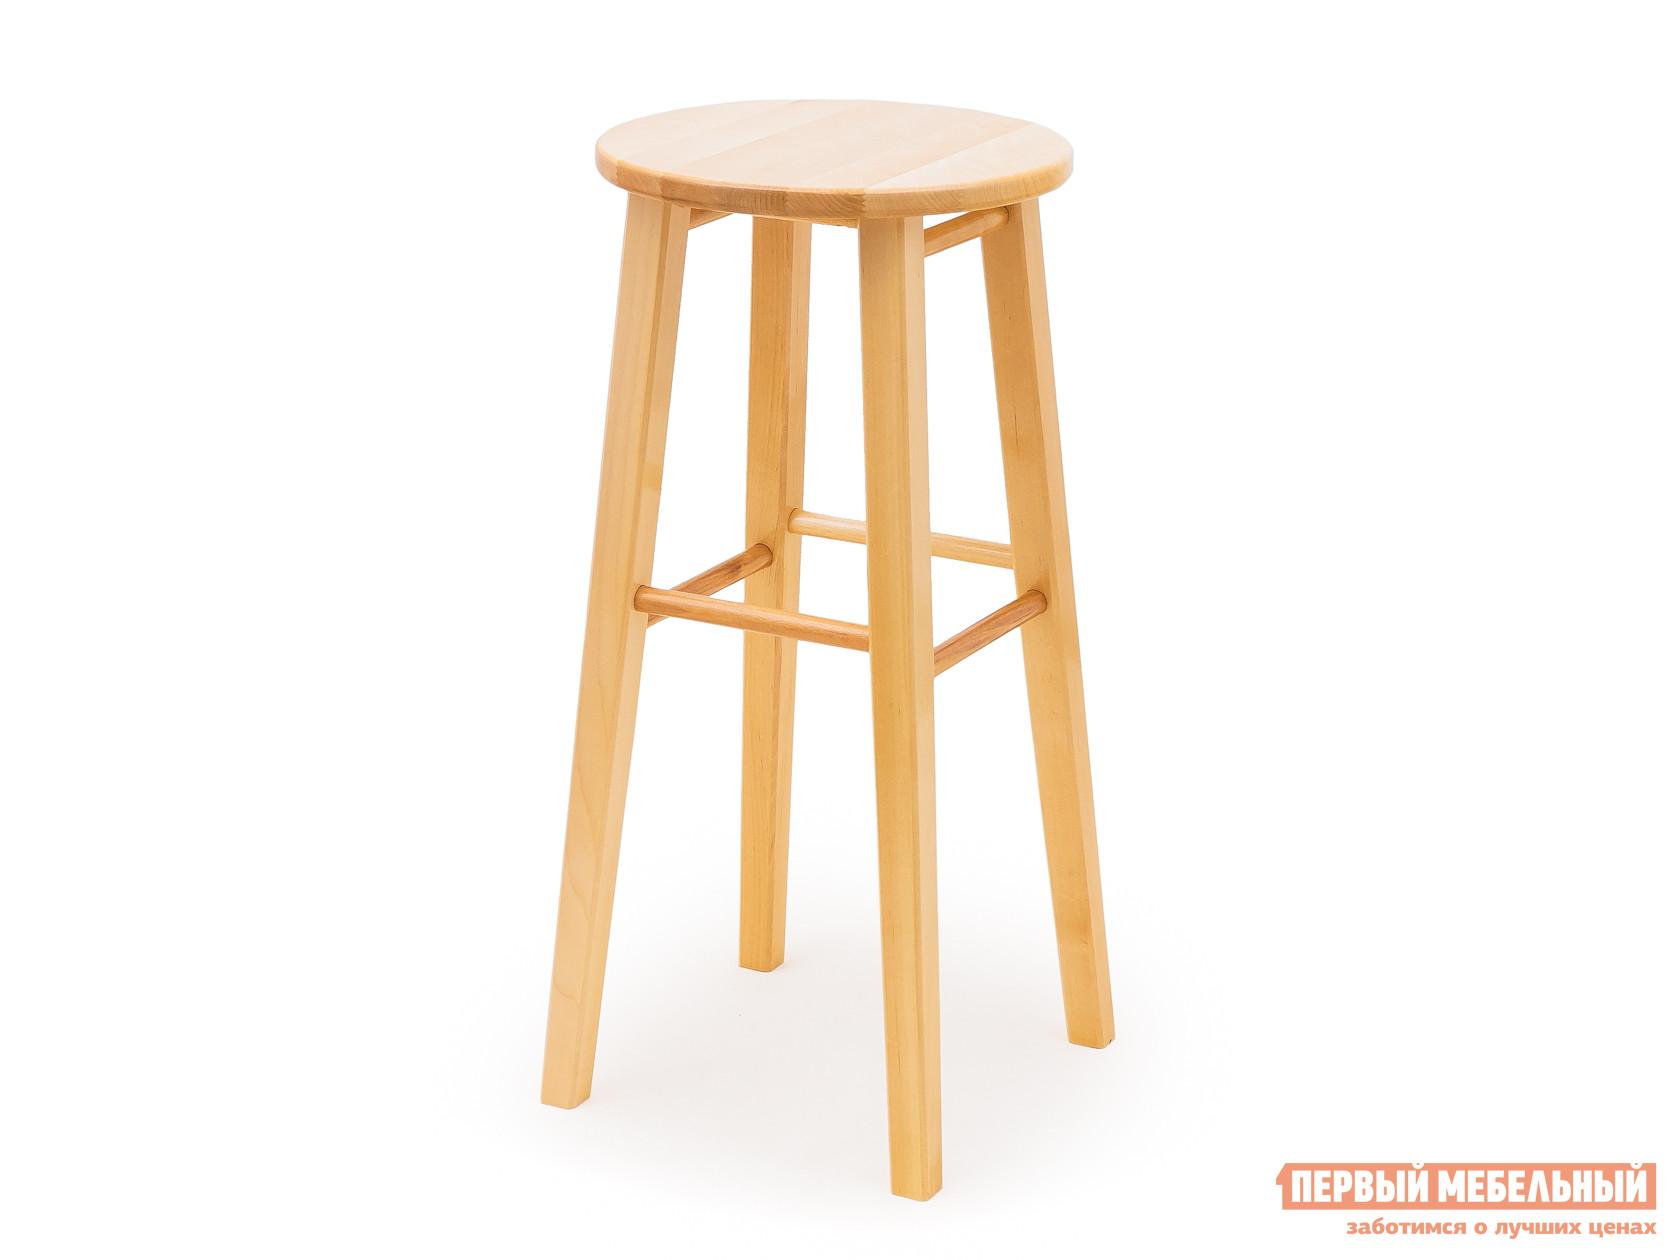 Барный стул СМКА КМ023Б Береза, 750 мм